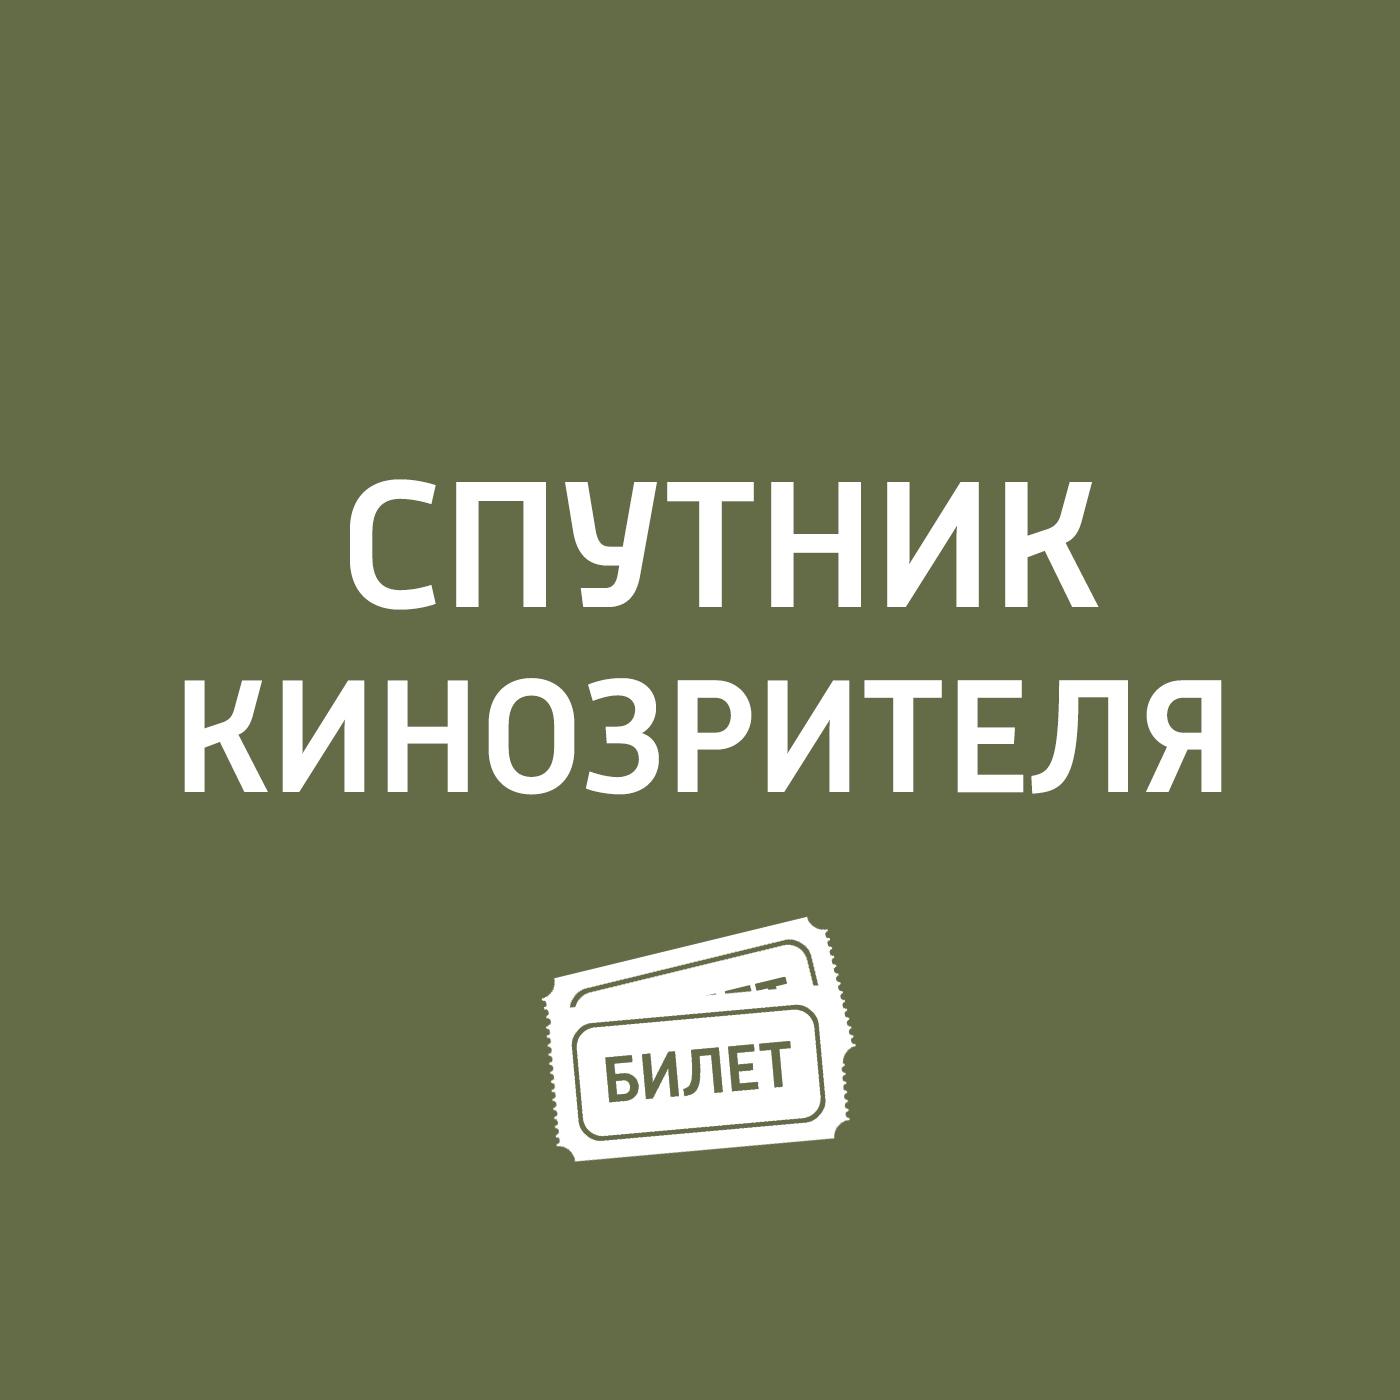 Антон Долин Антон посмотрел фильм «Рай антон долин дни жатвы